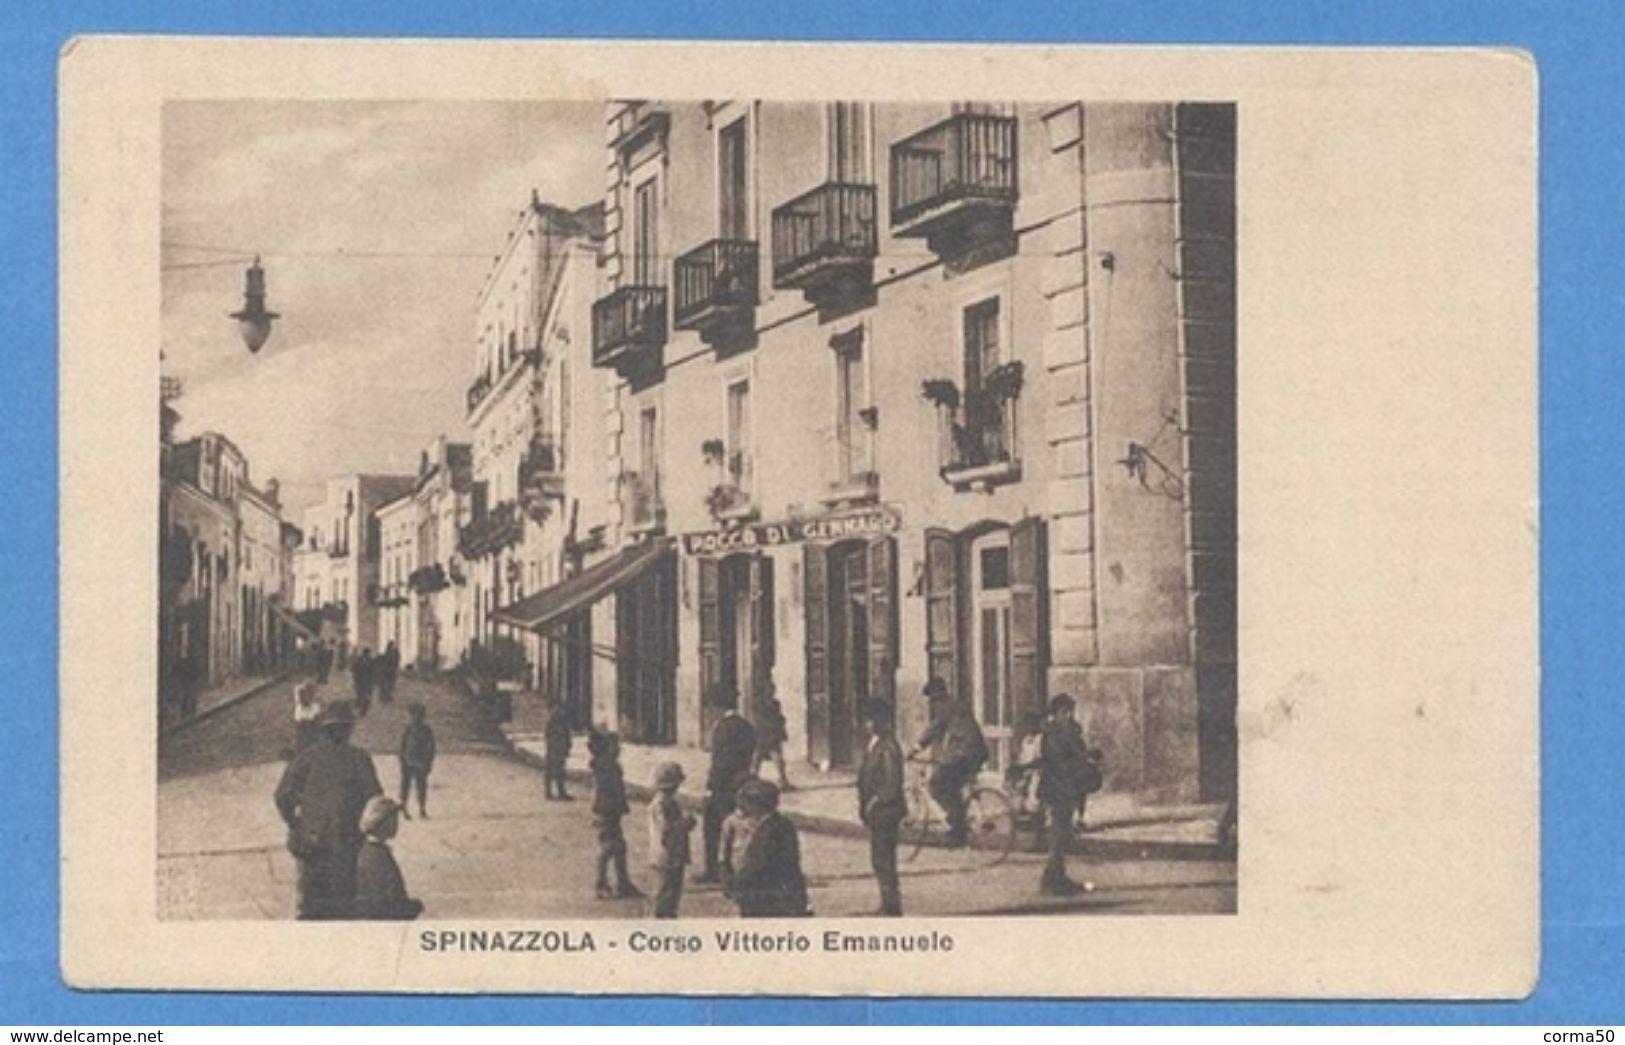 Spinazzola -  Corso  Vittorio Emanuele - Bari